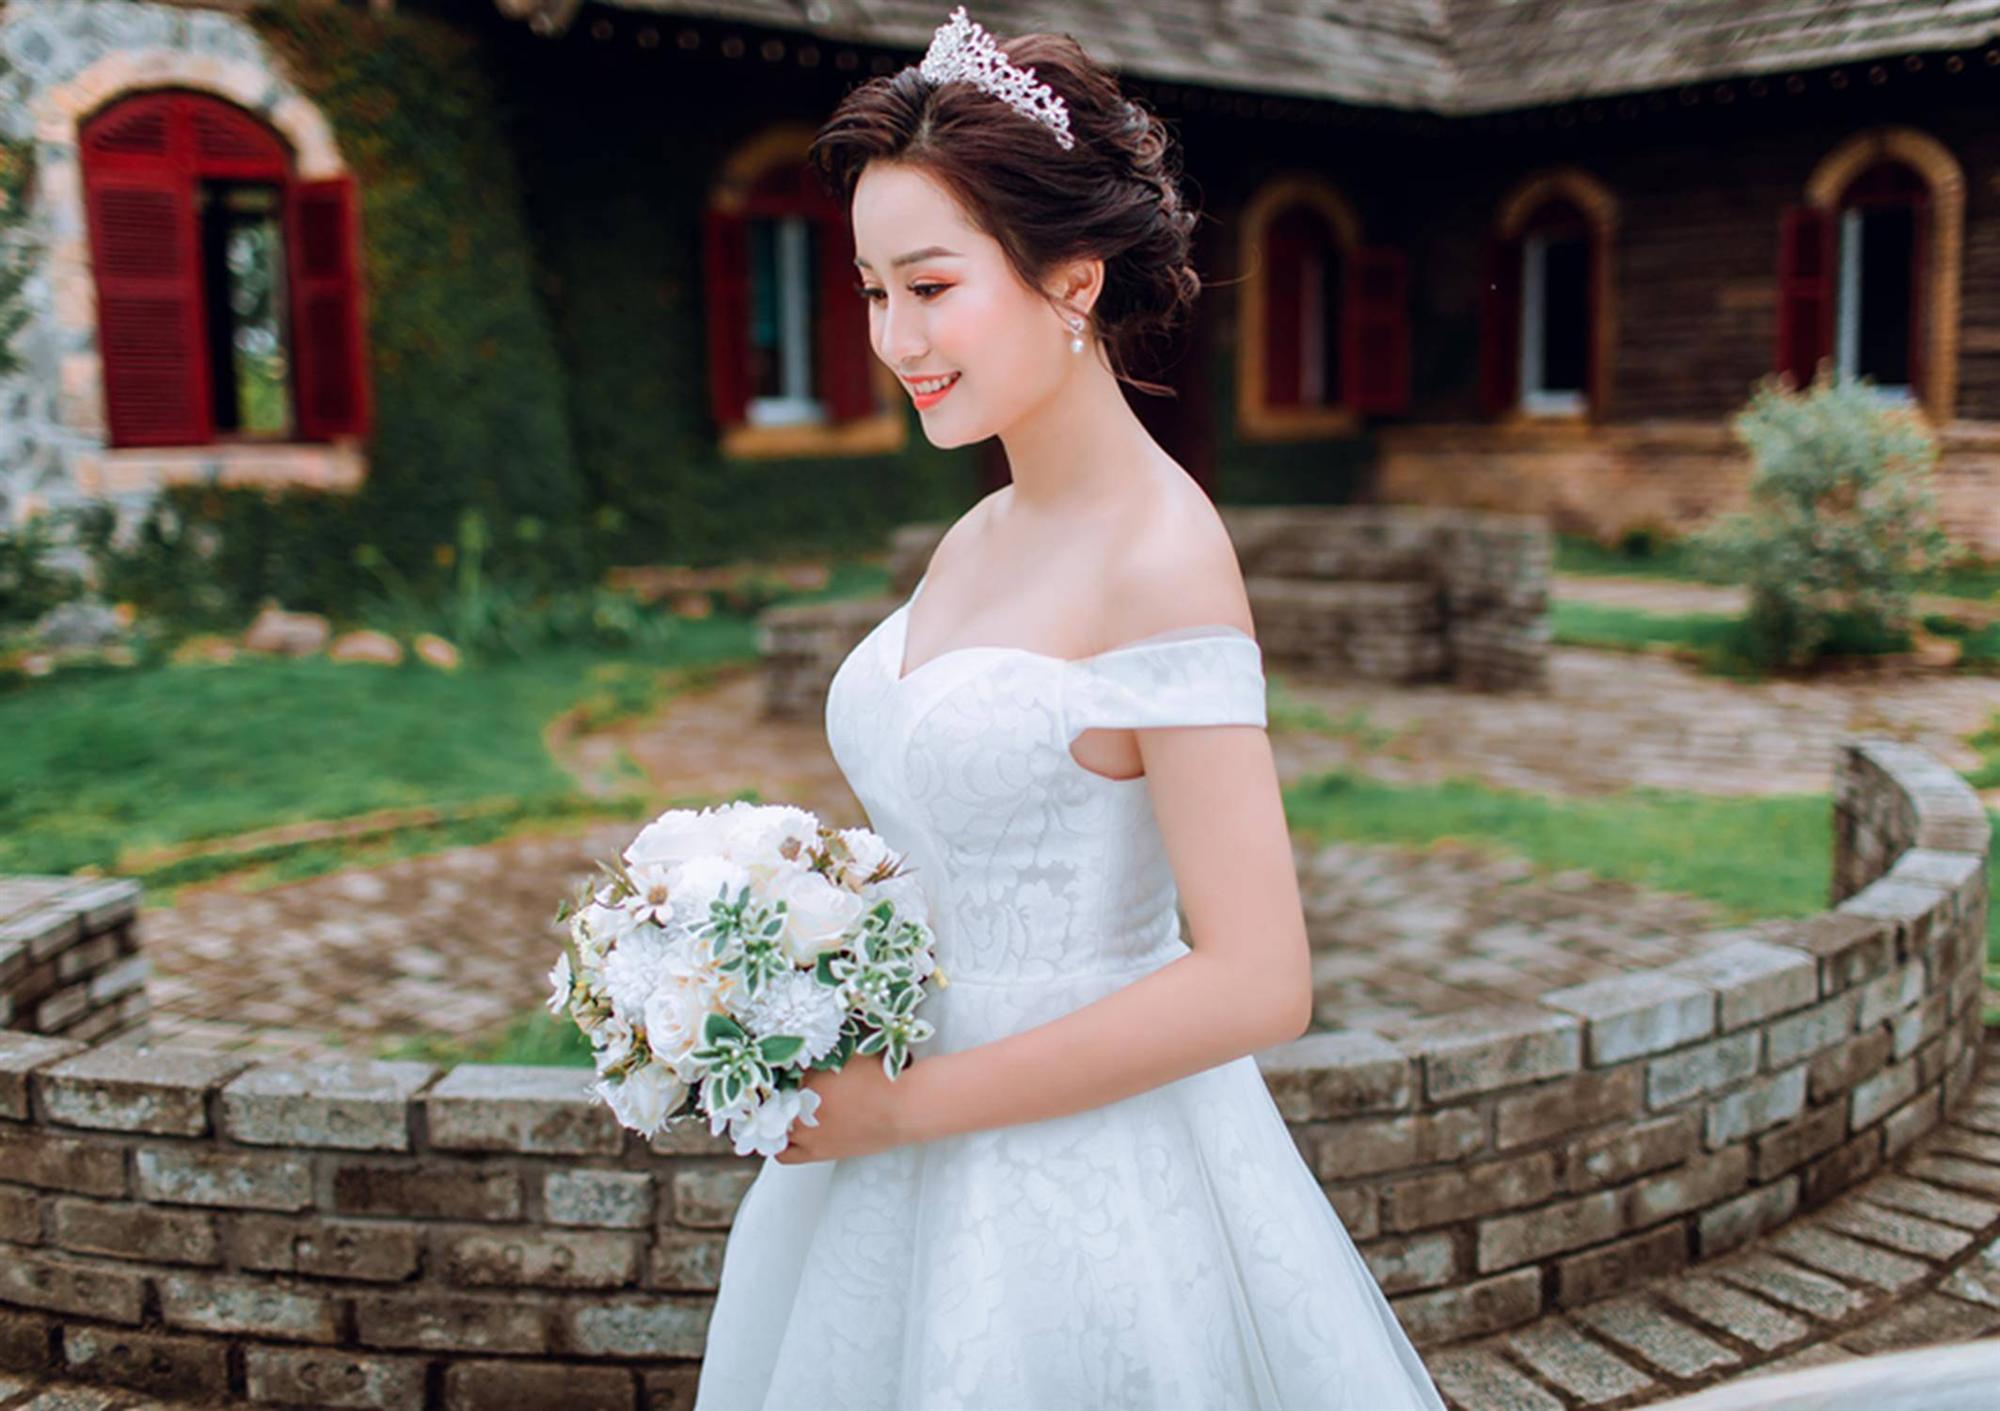 Ảnh cưới của vua kiếm chém và người vợ xinh đẹp-2